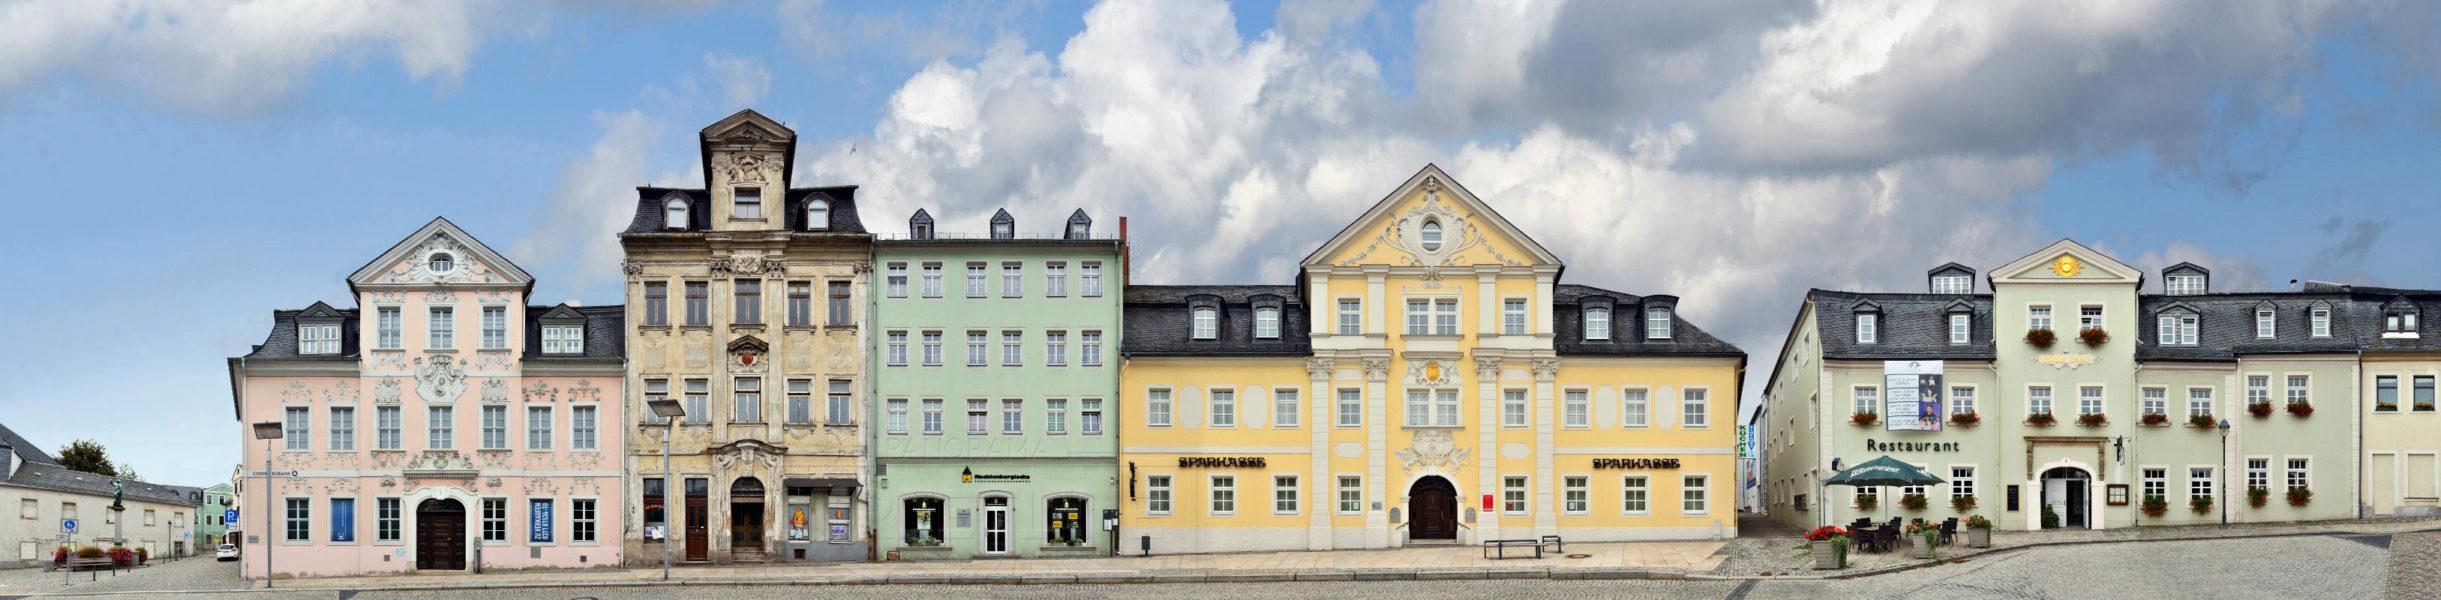 Fürstenplatz | Barockstadt